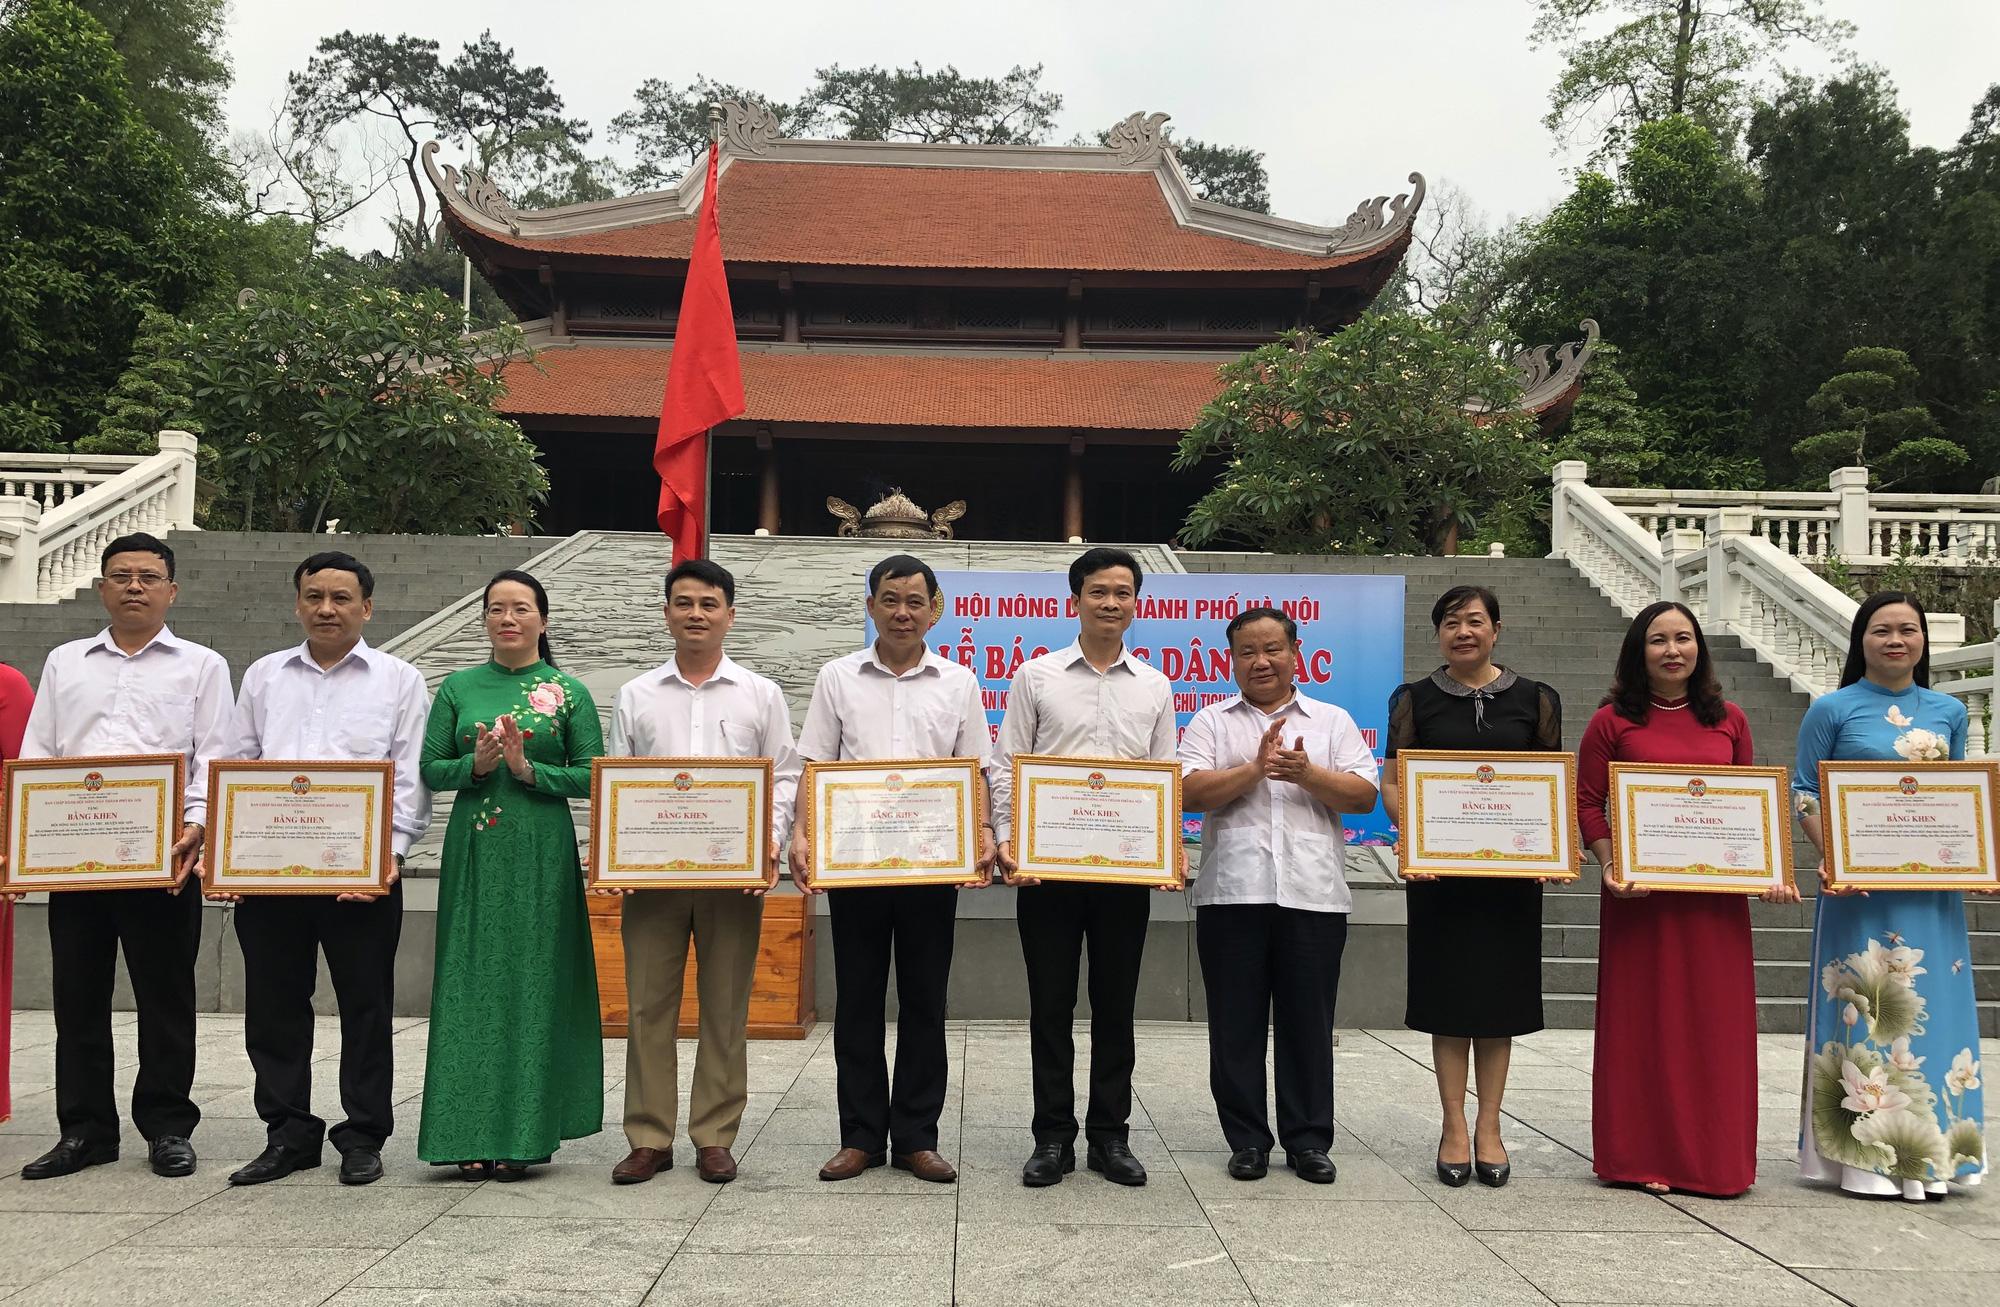 Hơn 1,5 triệu nông dân thi đua sản xuất kinh doanh giỏi, Hà Nội báo công dâng Bác - Ảnh 1.